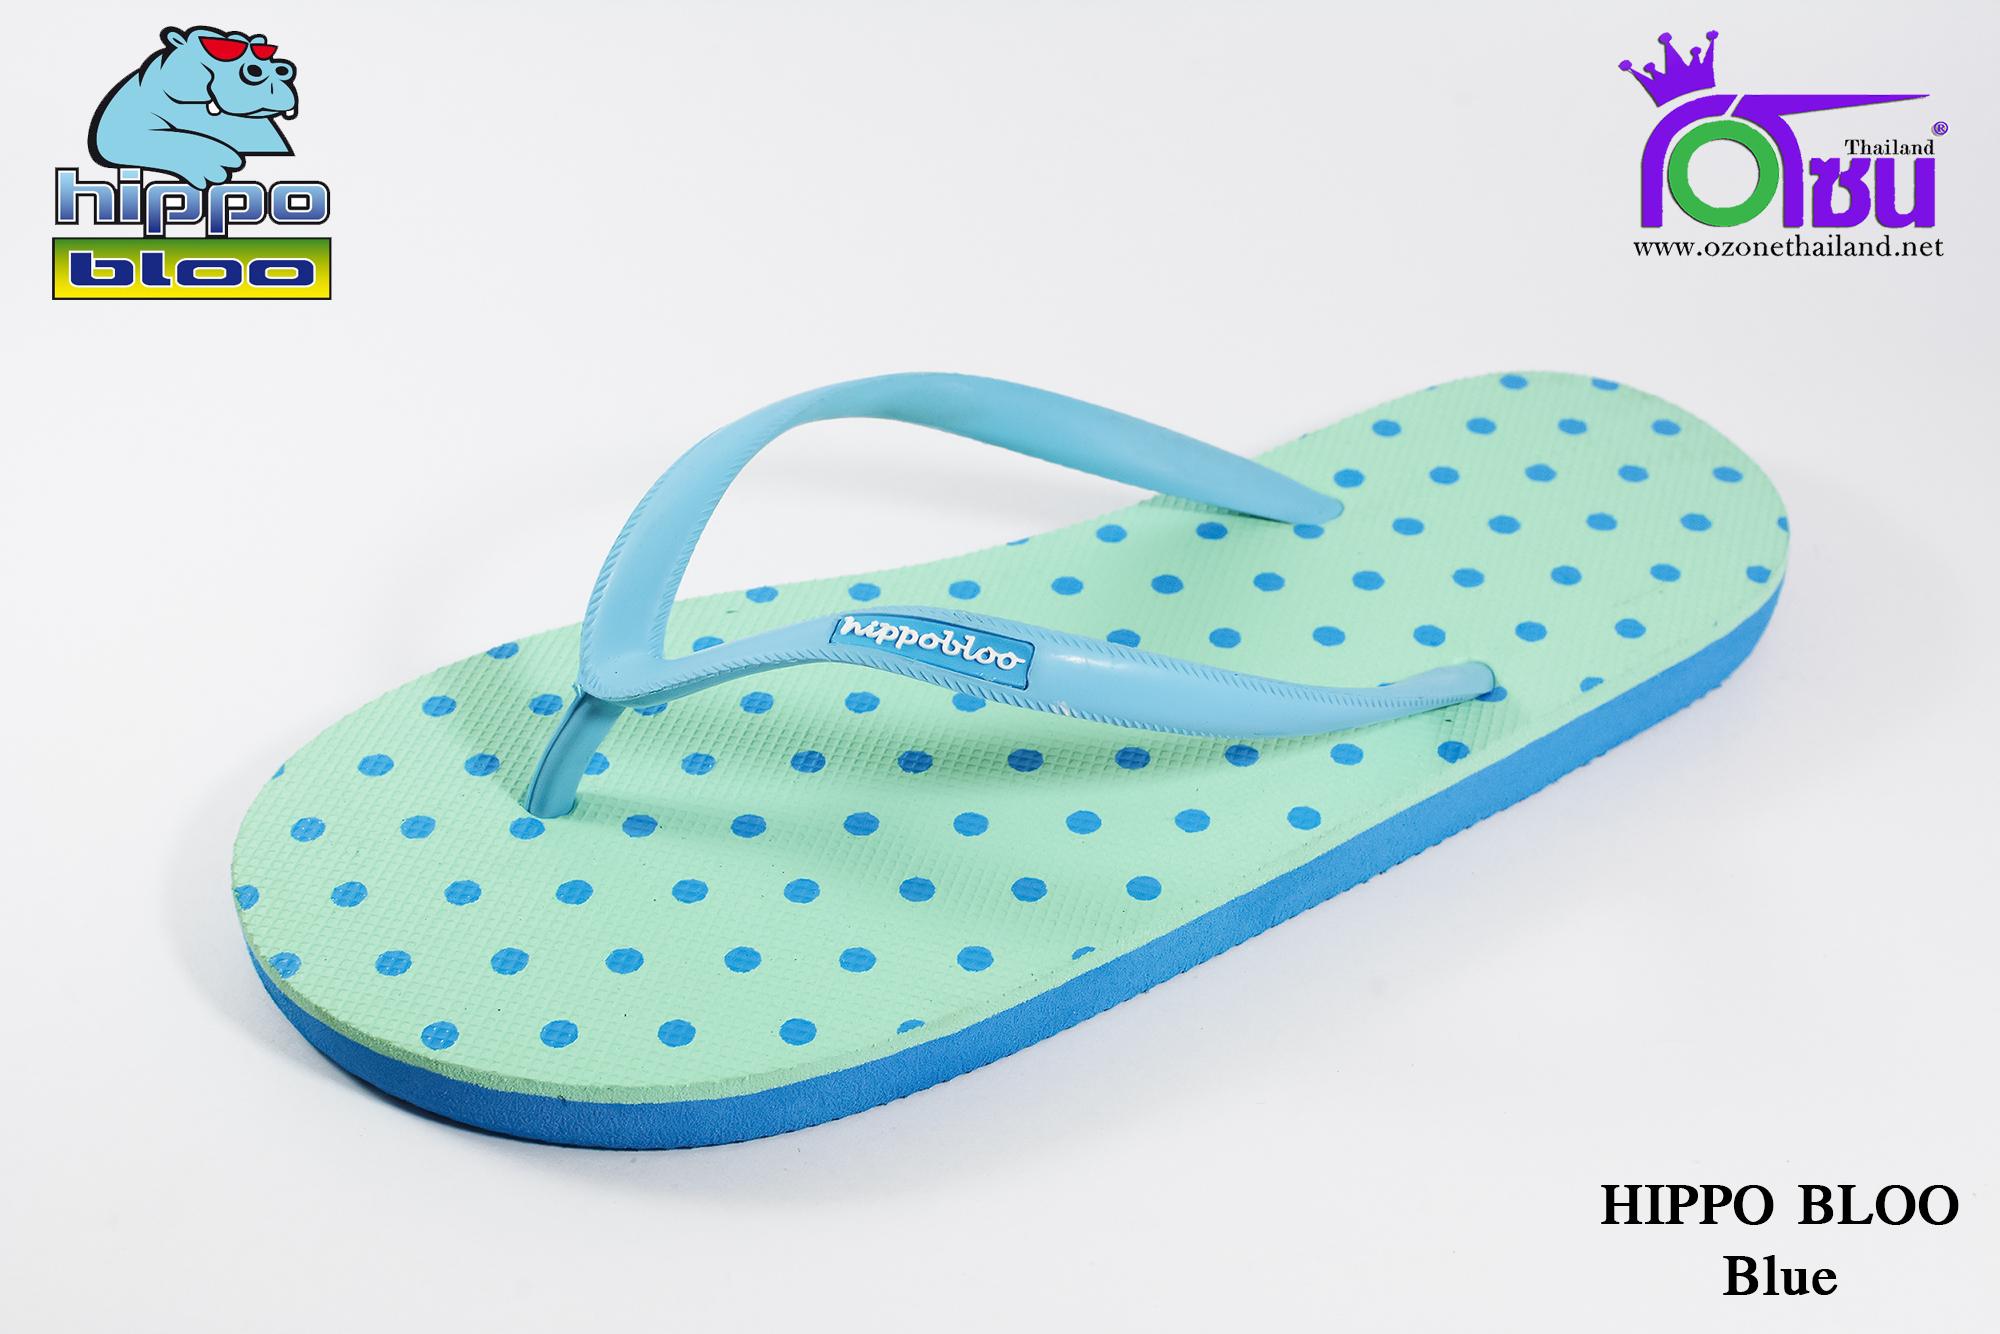 รองเท้าแตะ Hippo Bloo ฮิปโป บลู ลายจุด สีฟ้า เบอร์ 9,9.5,10